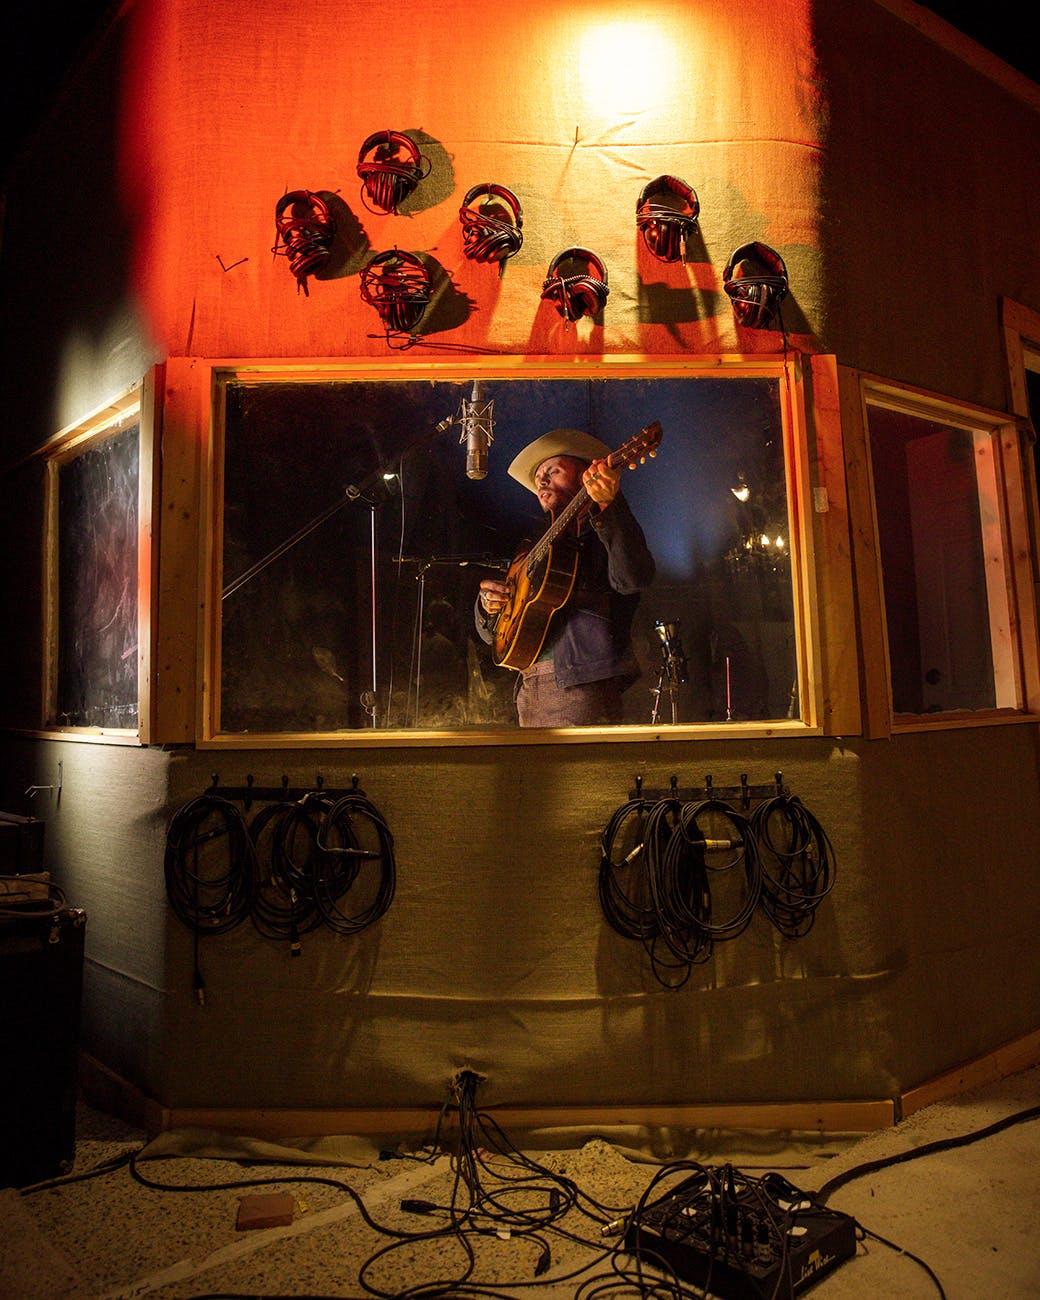 Charley Crockett studio.jpg?auto=compress&crop=faces&fit=fit&fm=pjpg&ixlib=php 1.2